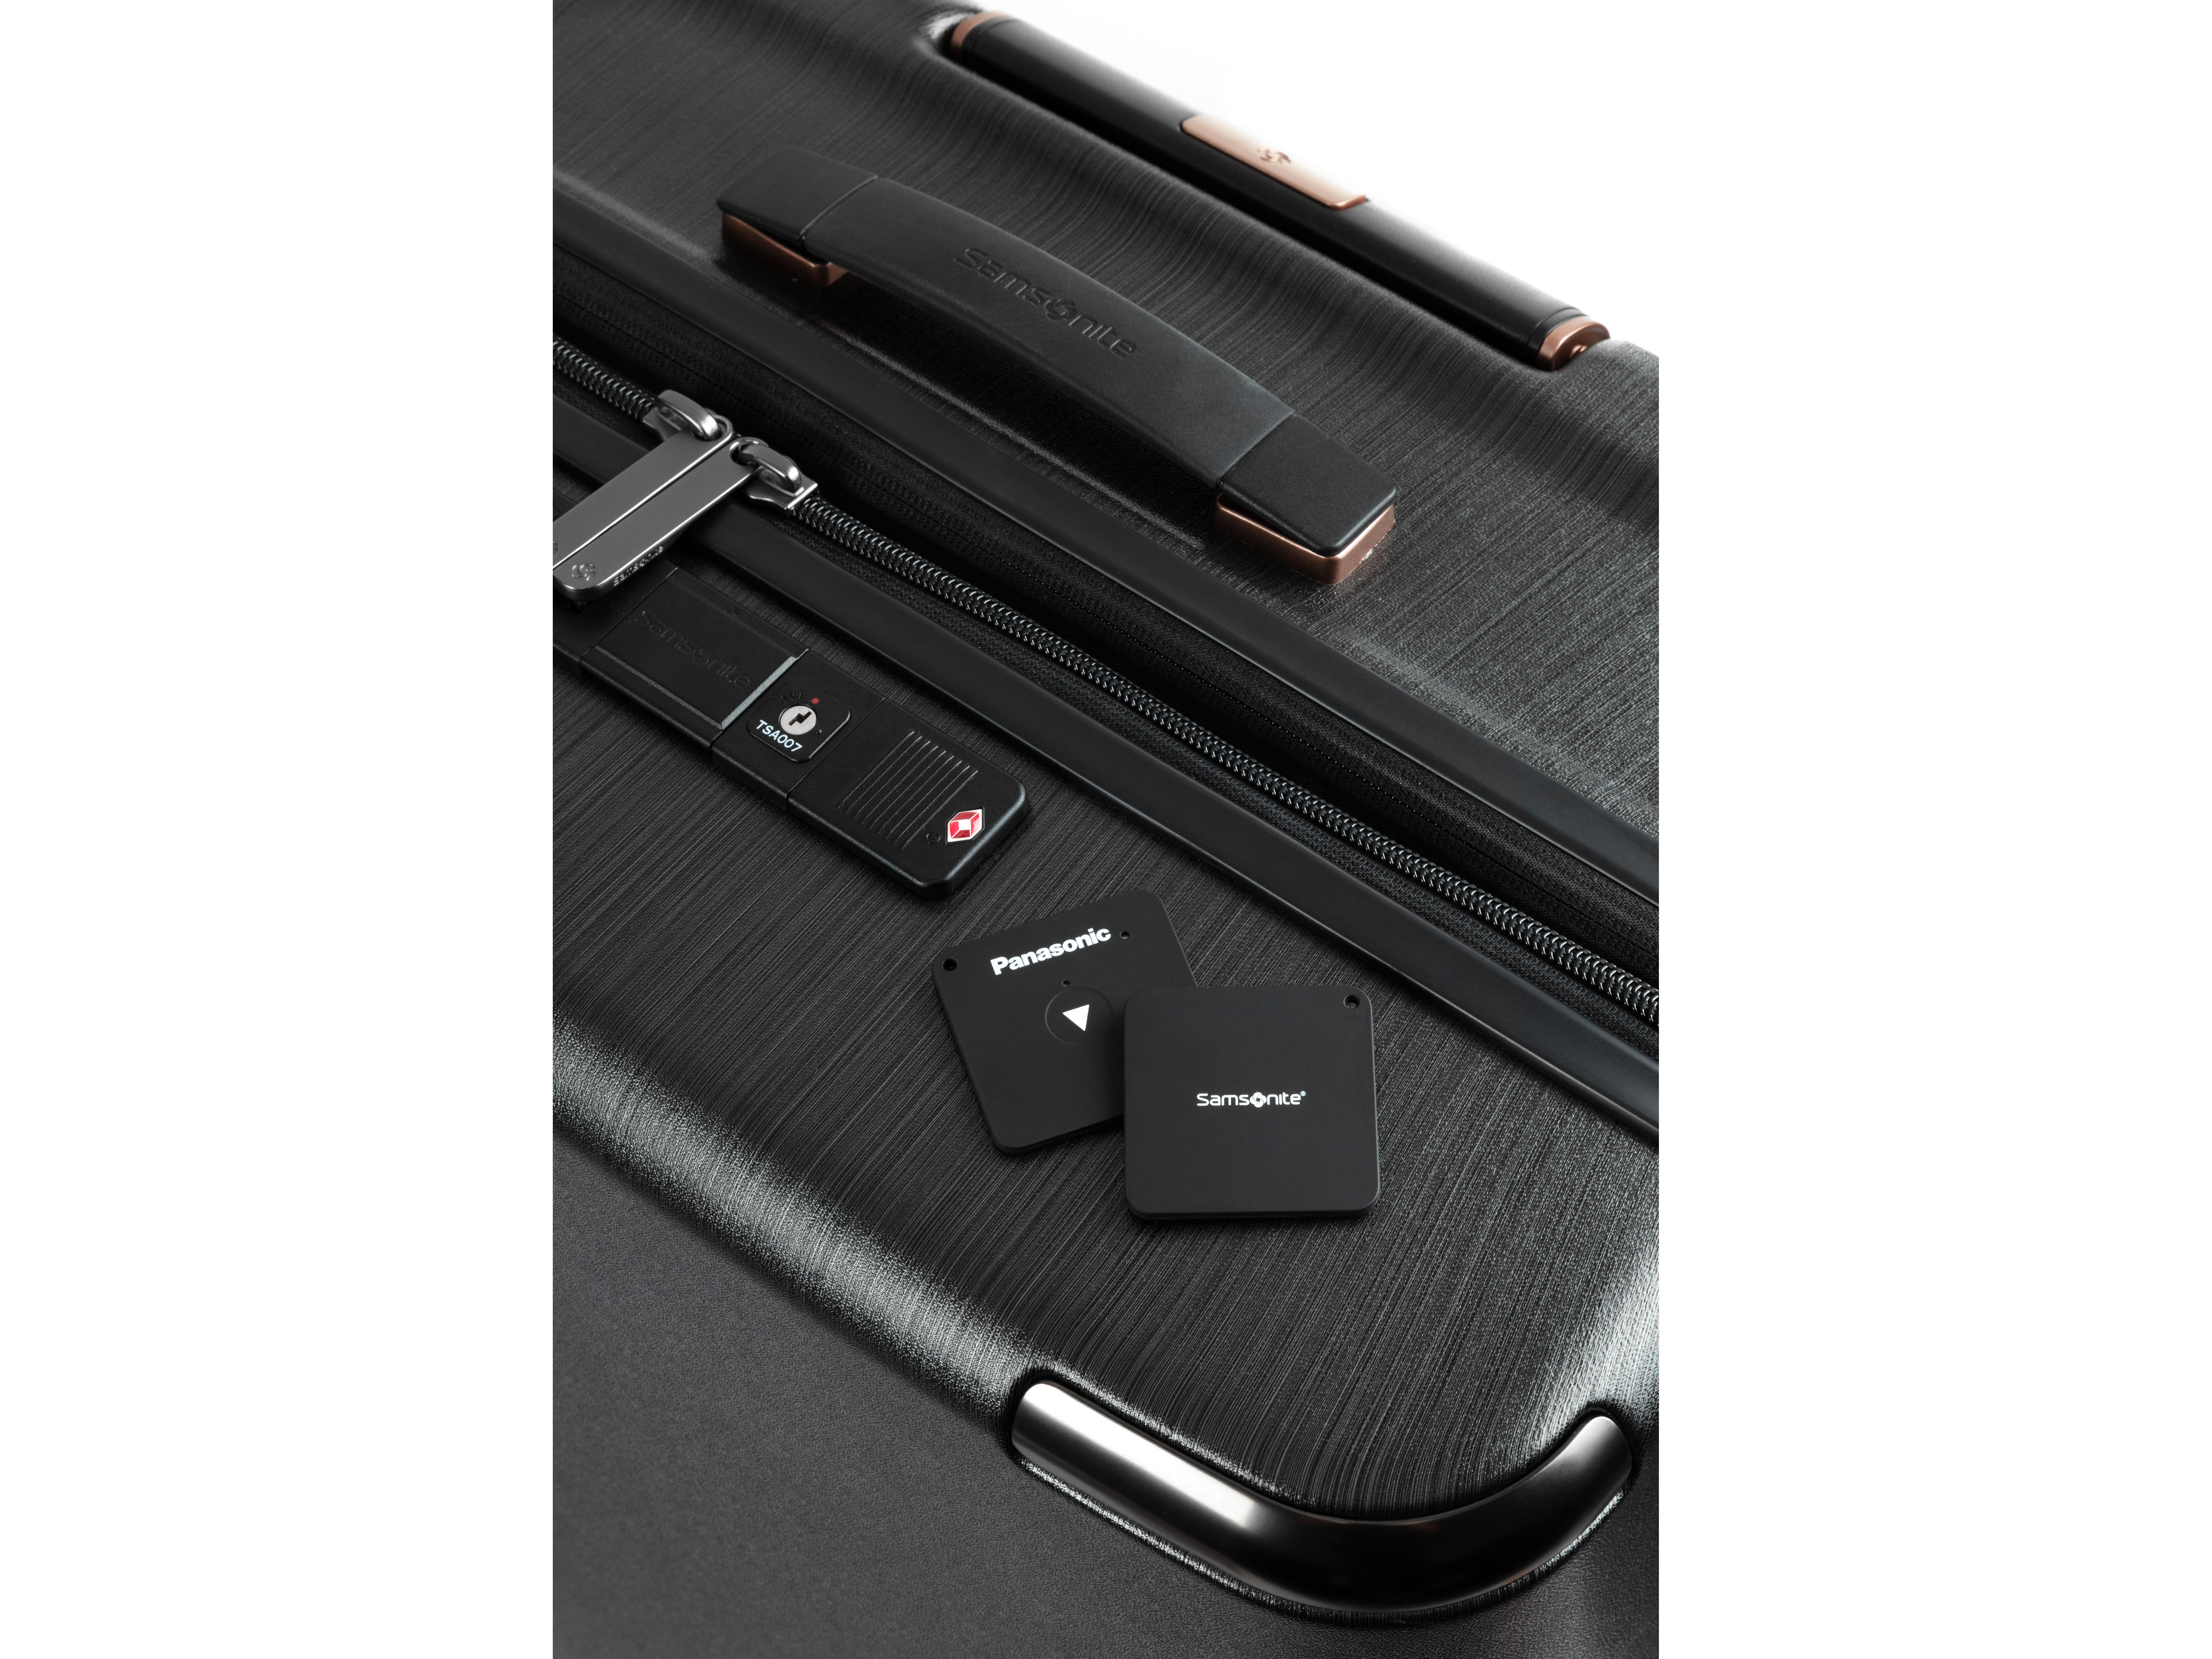 photo: Samsonite With Seekit(TM) Bluetooth Tracker by Panasonic